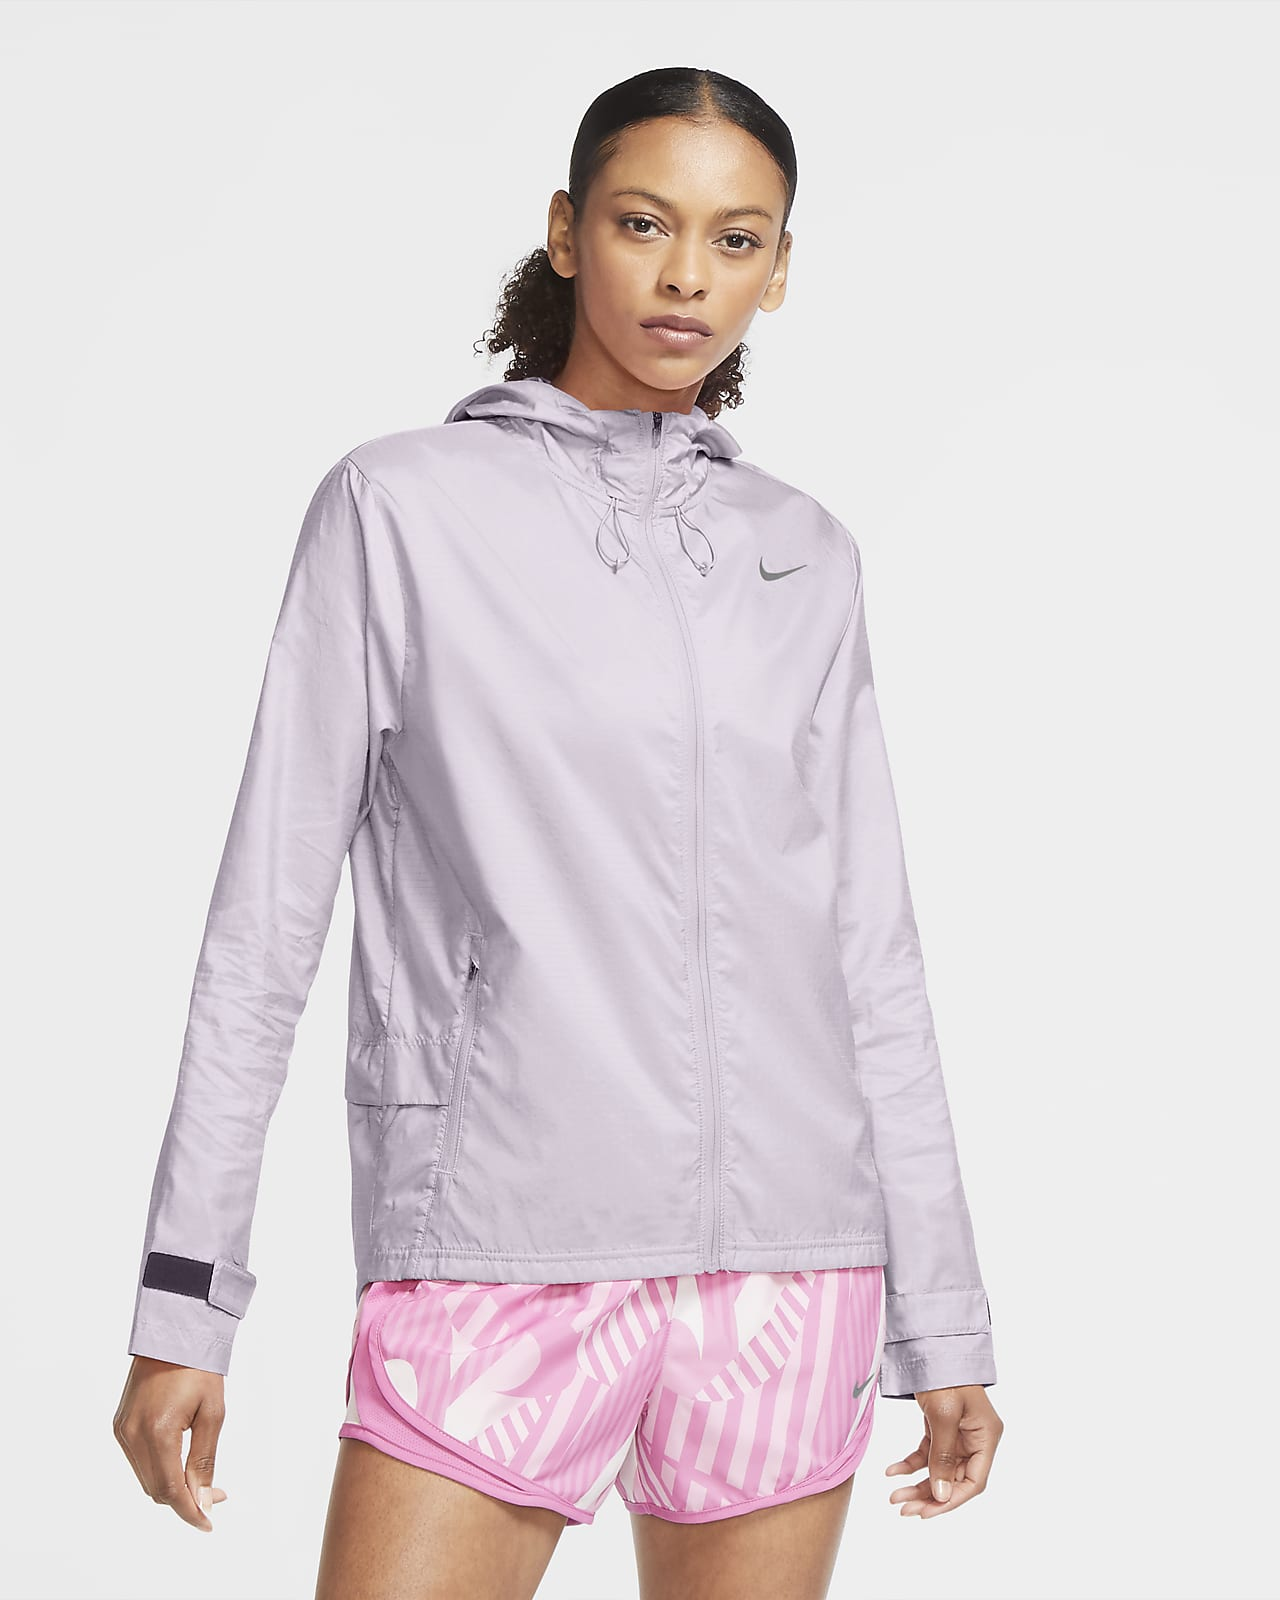 Γυναικείο τζάκετ για τρέξιμο Nike Essential